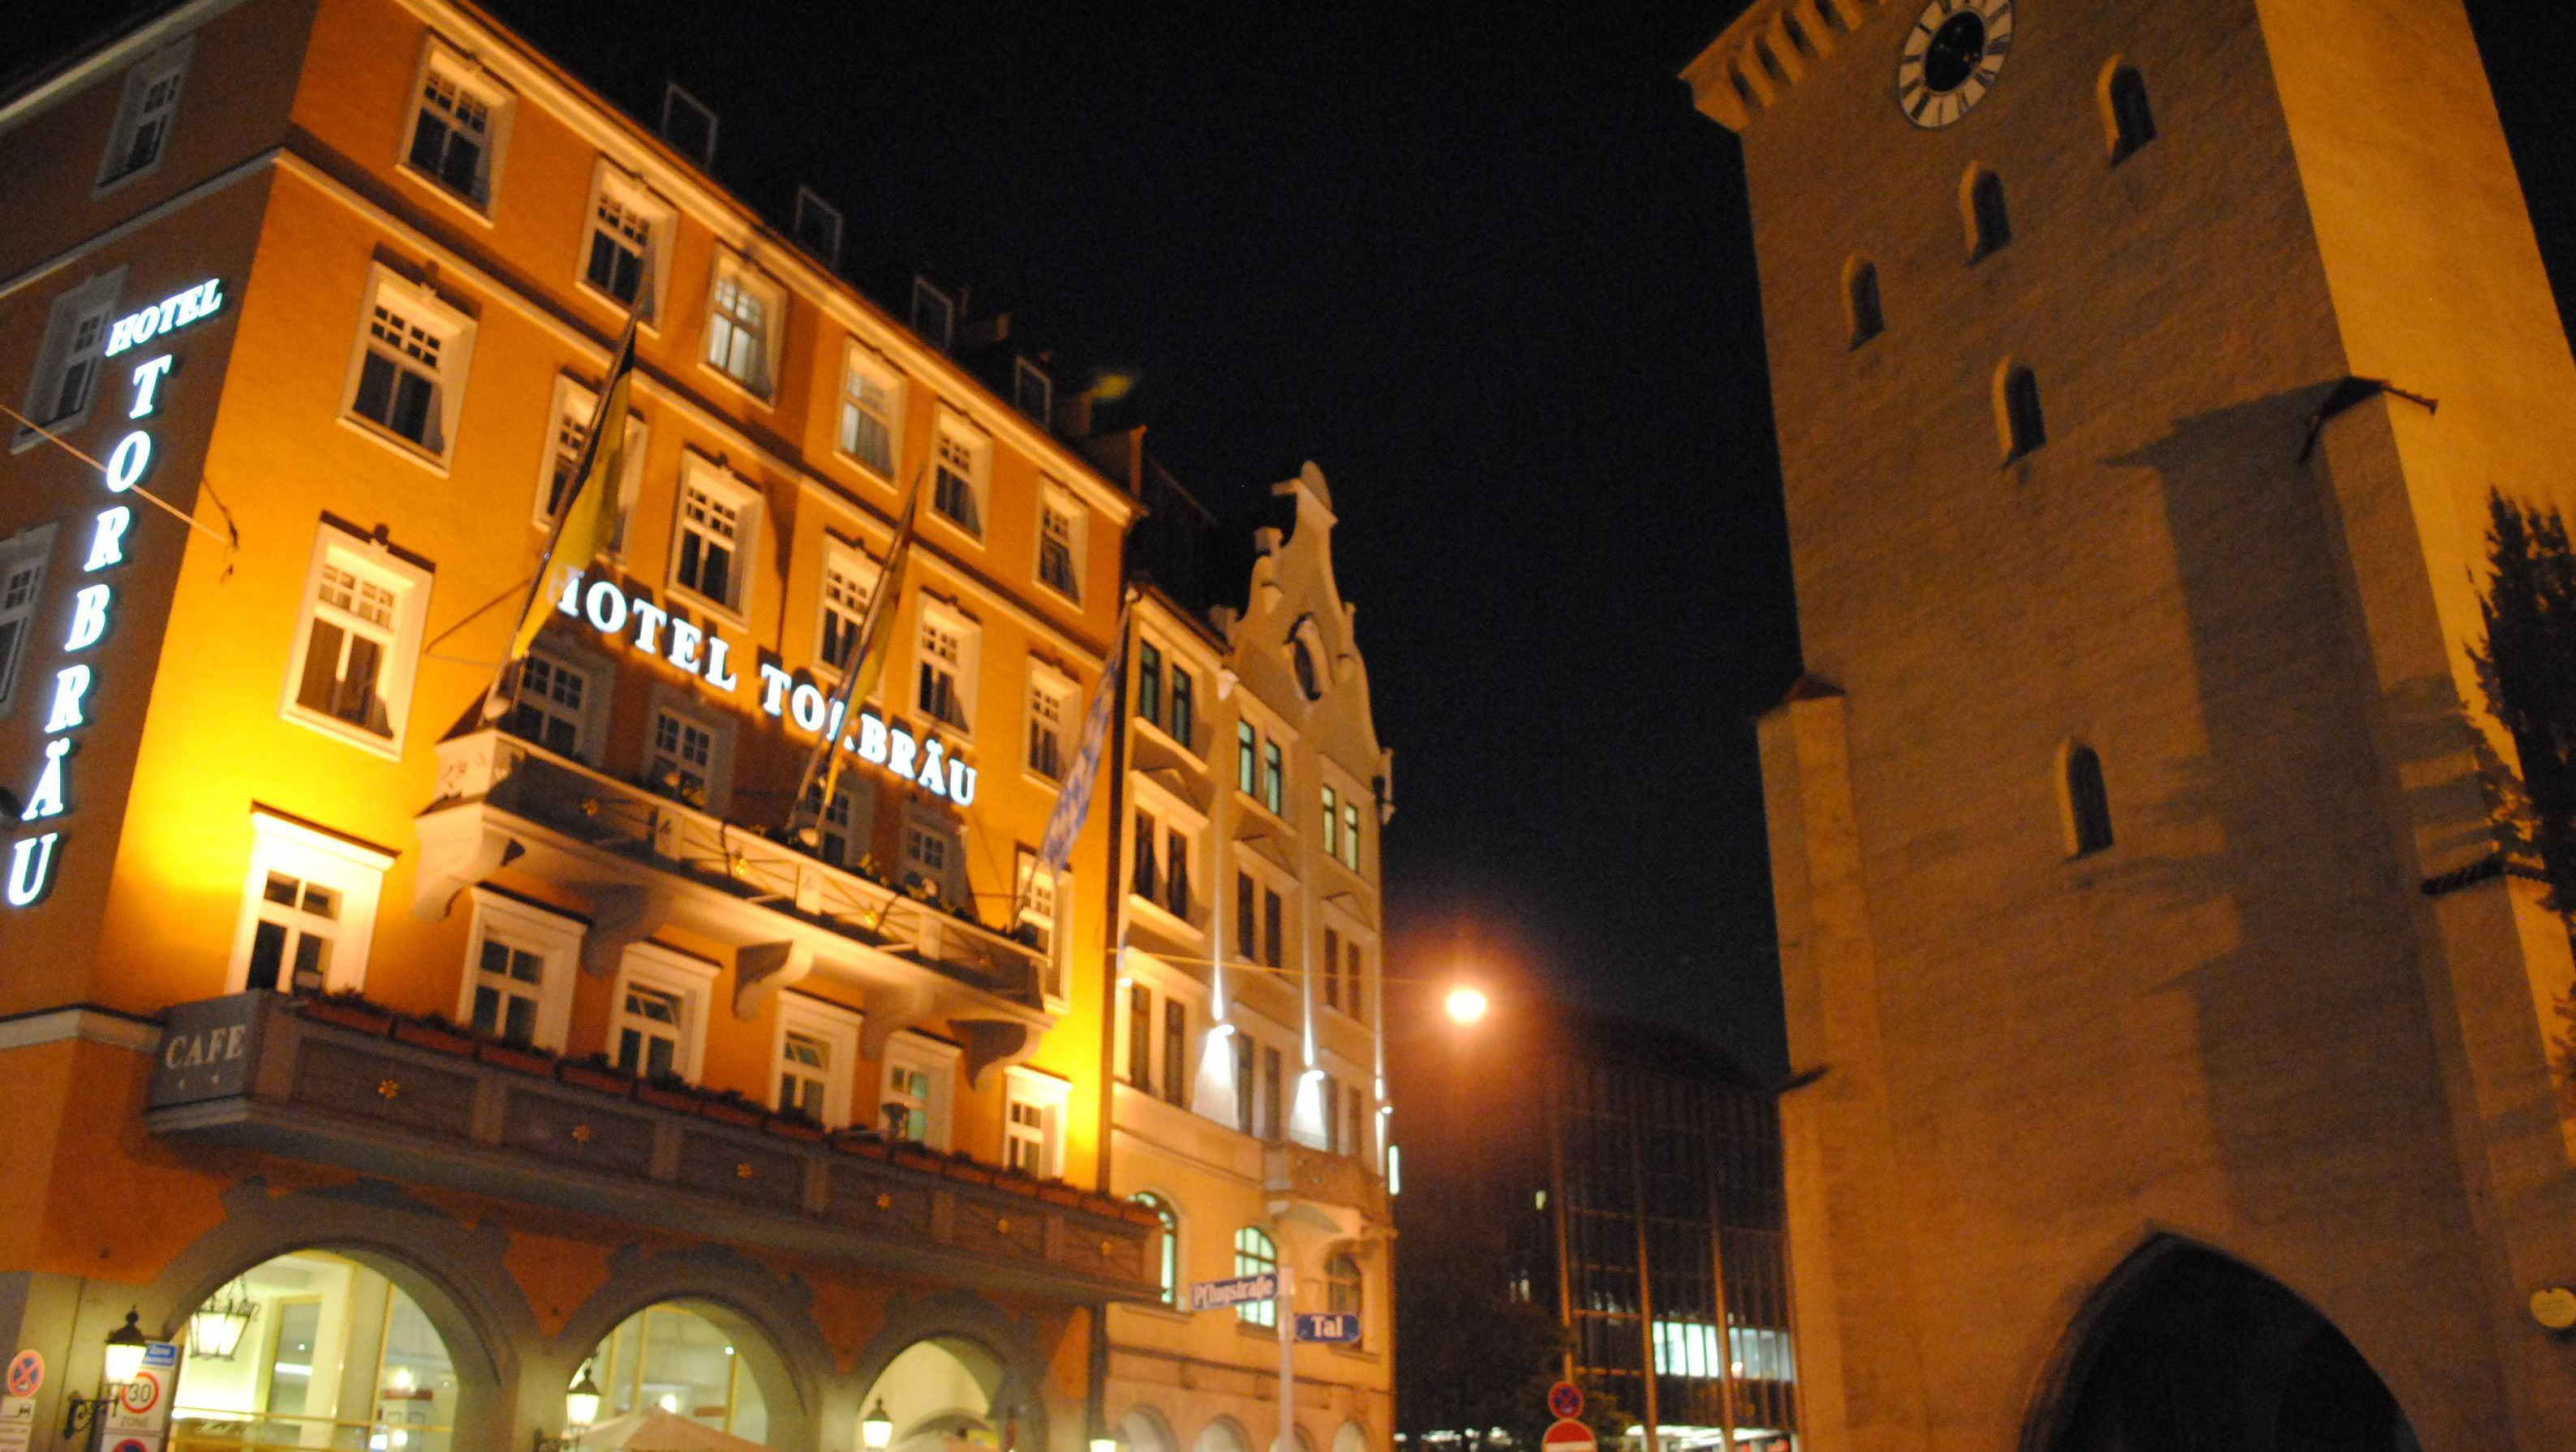 hotel-viagem-dica-budapeste-bohem-trip-tips-viena-praga-munique